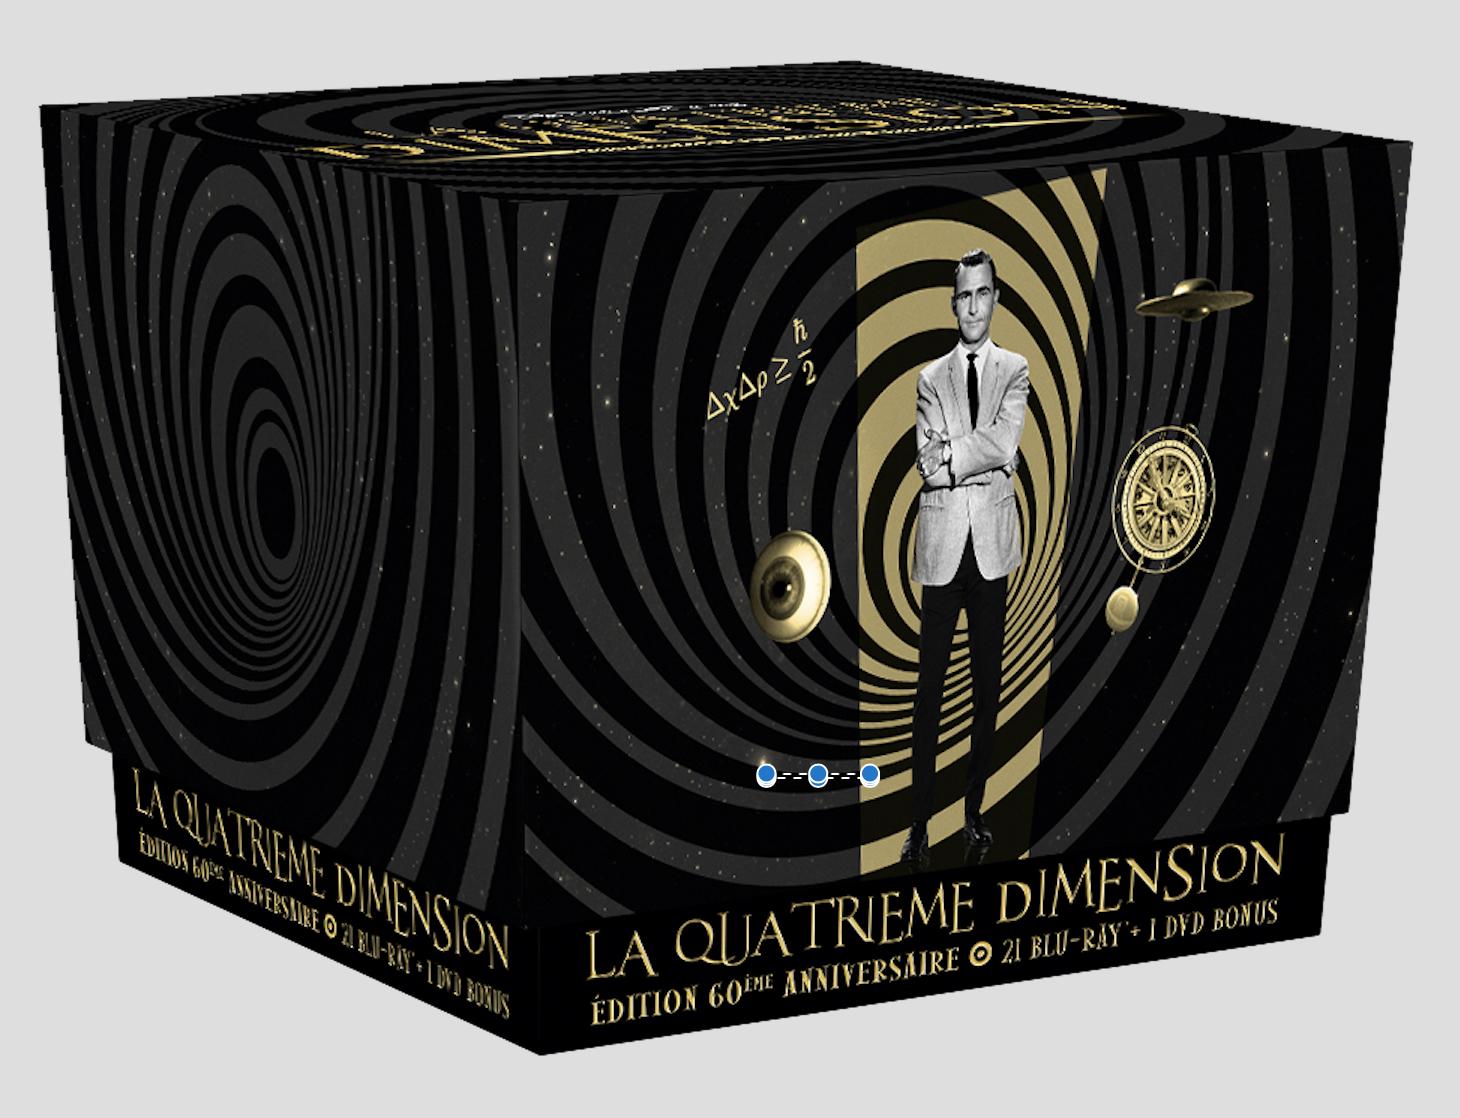 La 4ième dimension